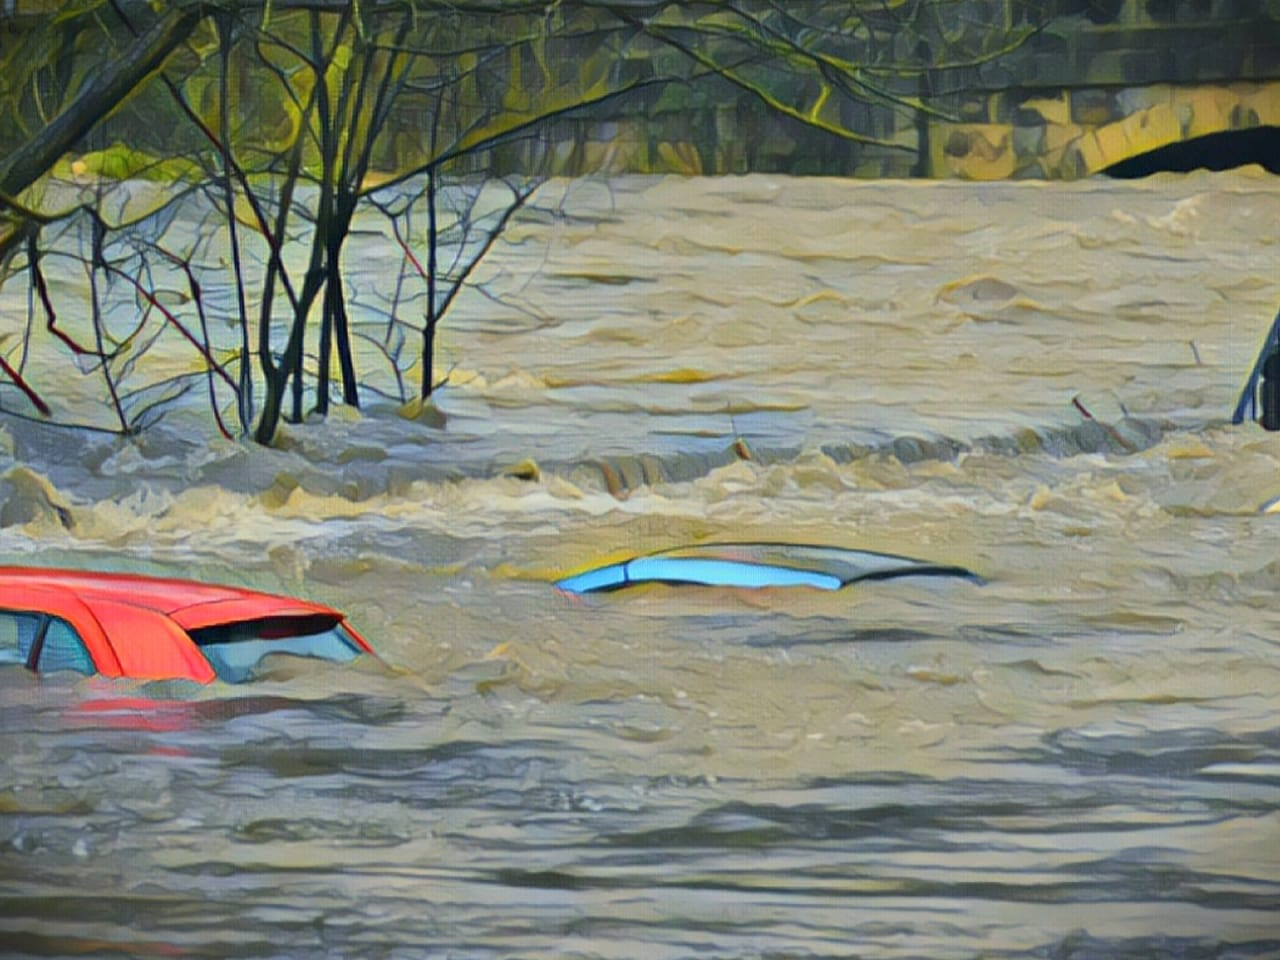 https: img-k.okeinfo.net content 2019 12 12 340 2141298 dua-orang-tewas-diterjang-banjir-bandang-di-kabupaten-sigi-7dZLNmk9Y9.jpg